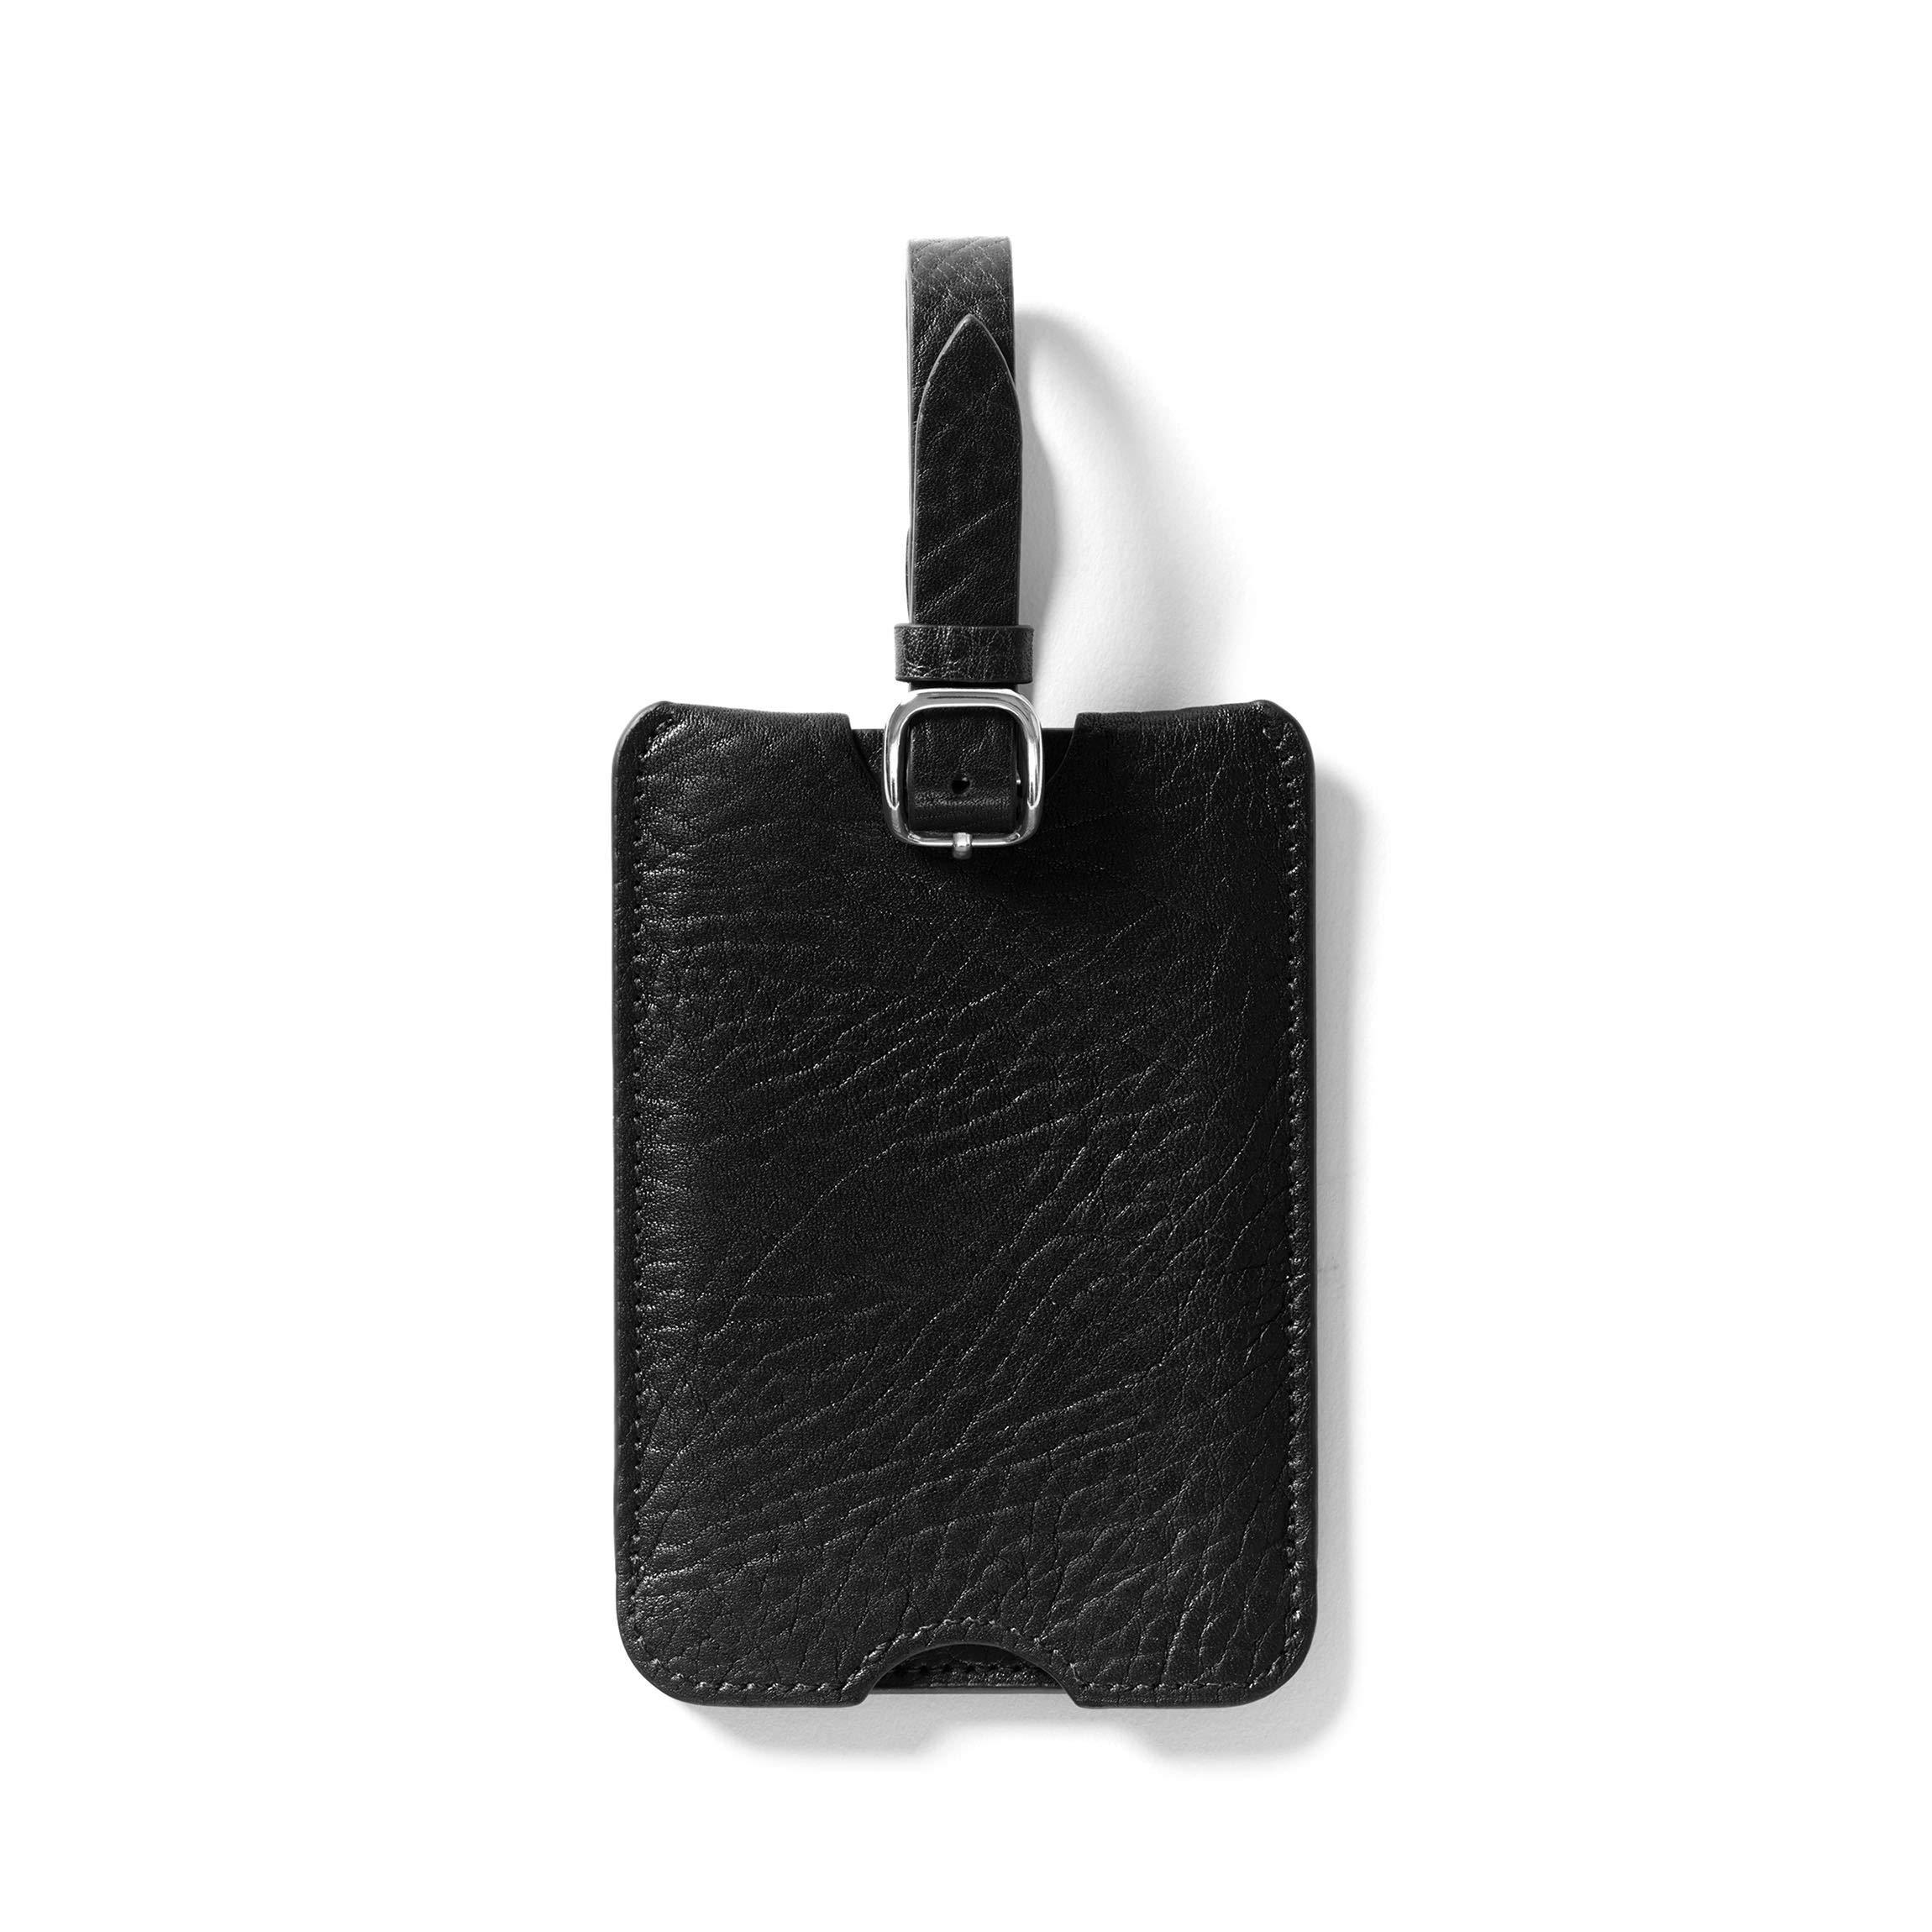 Leatherology Ebony Deluxe Luggage Tag by Leatherology